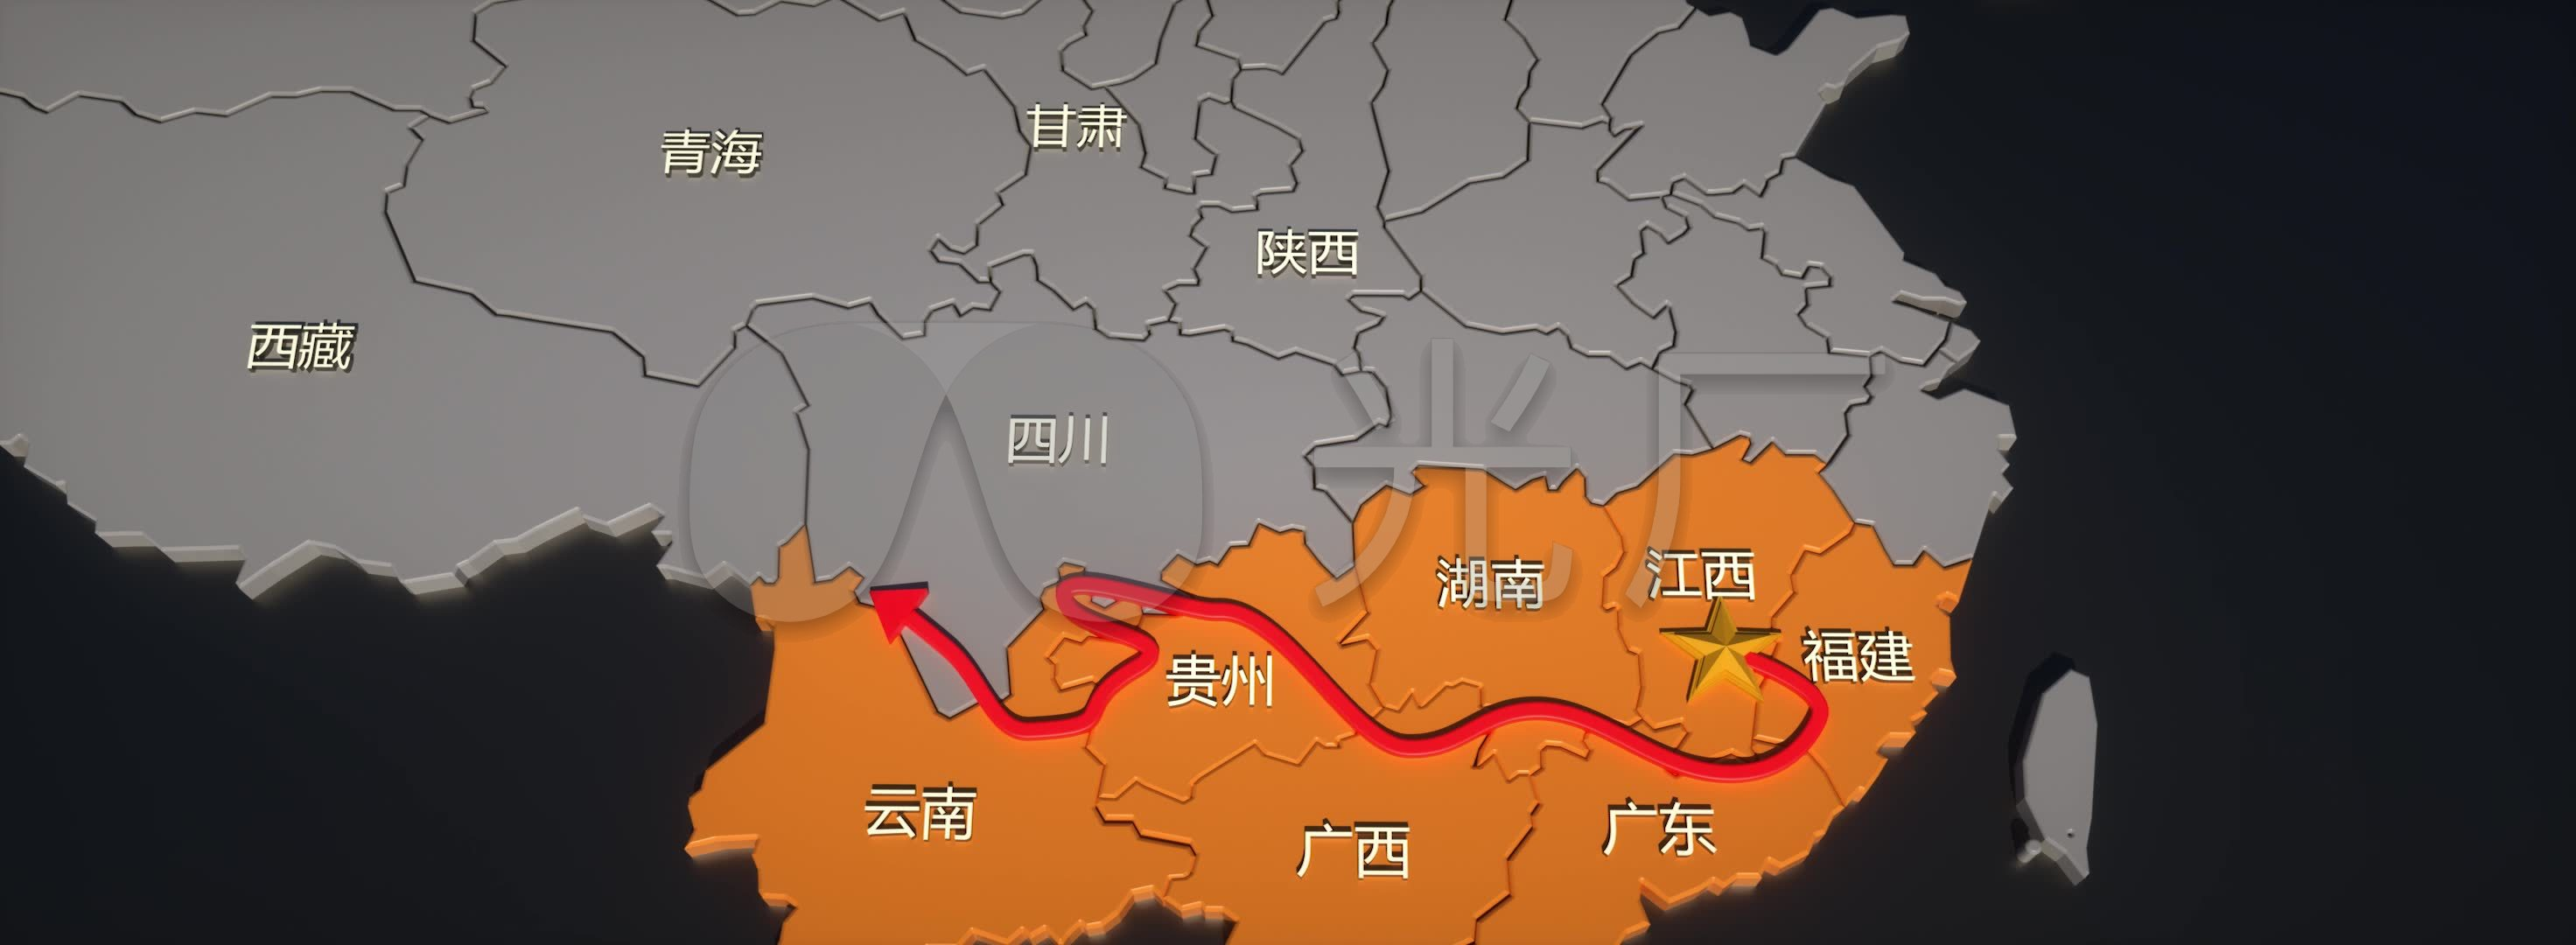 原创红军万里长征线路箭头地图示意图_2944x1080_高清